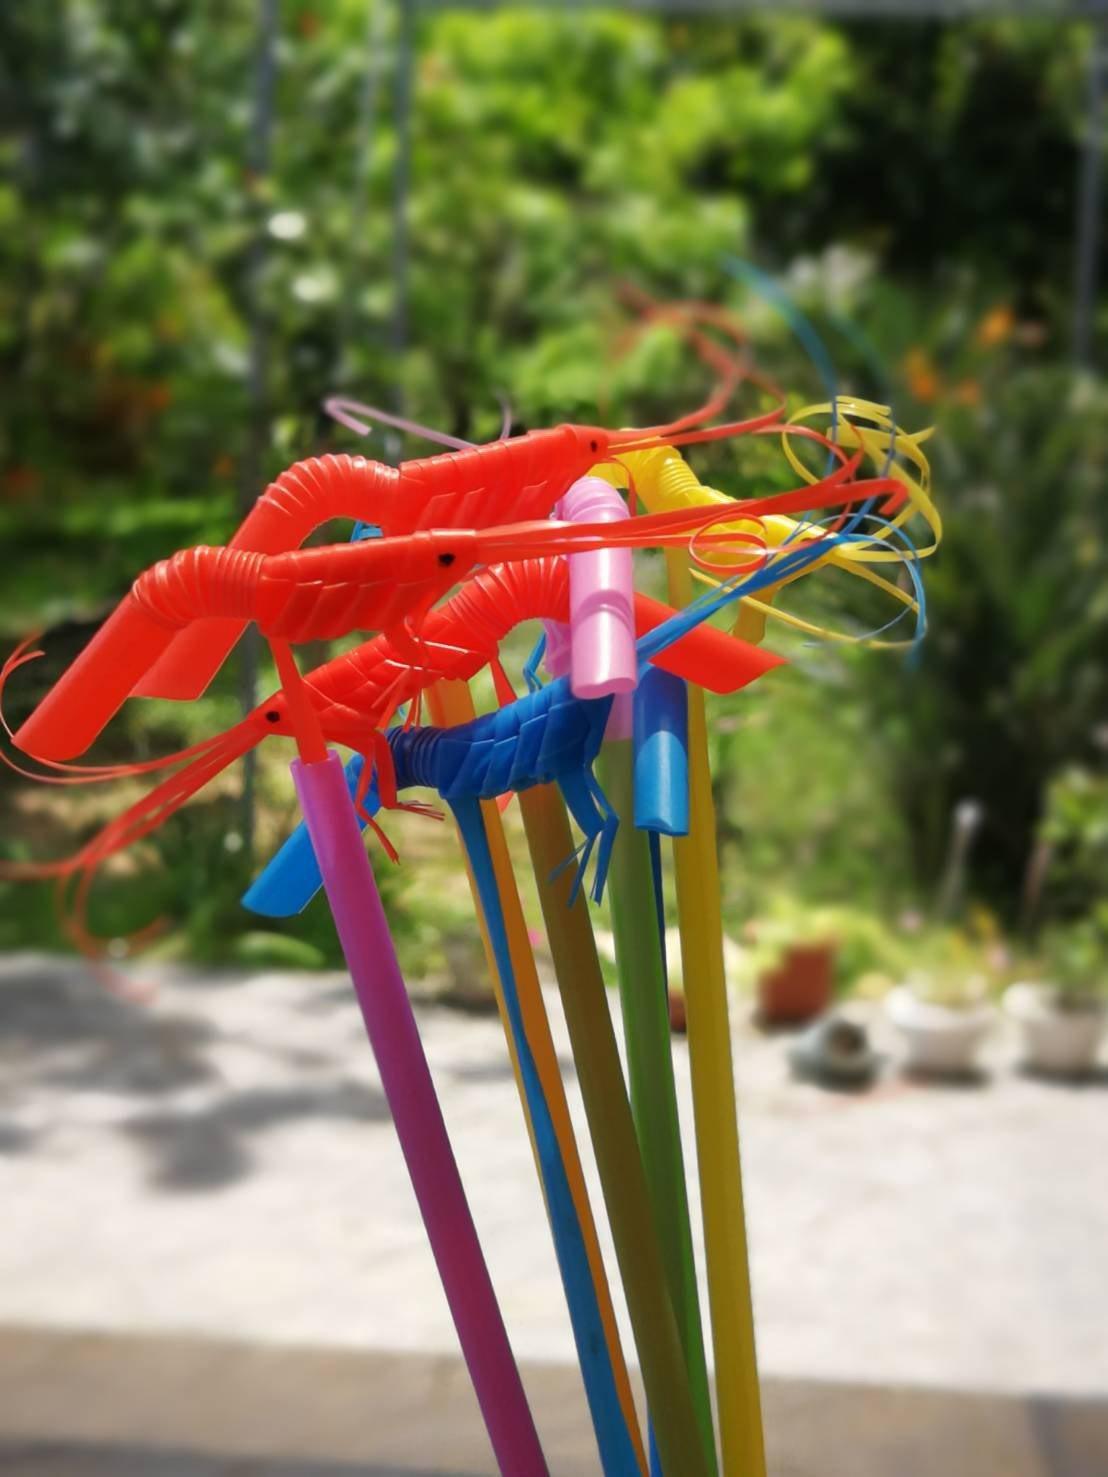 劉余春梅喜歡做手工藝品,圖為她用吸管做出栩栩如生的蝦子。記者陳斯穎/攝影